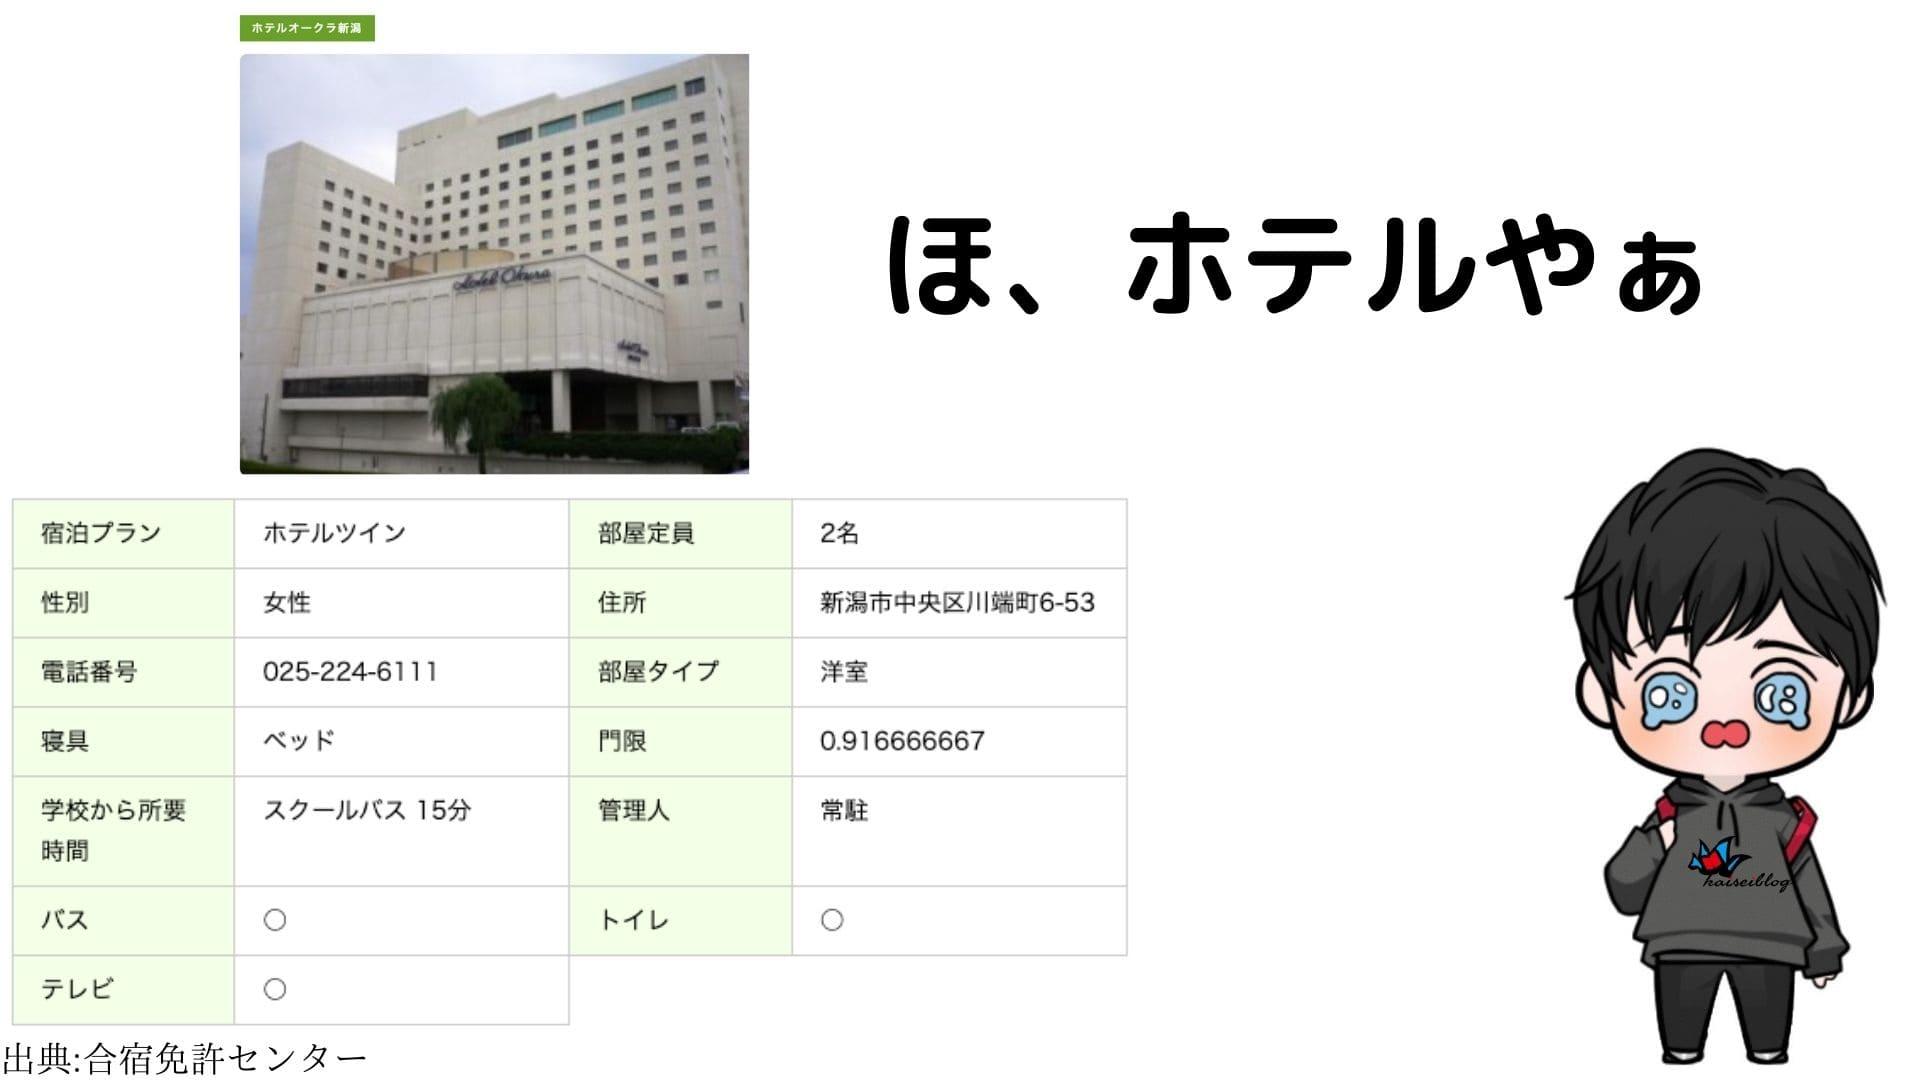 関屋自動車学校 ホテル